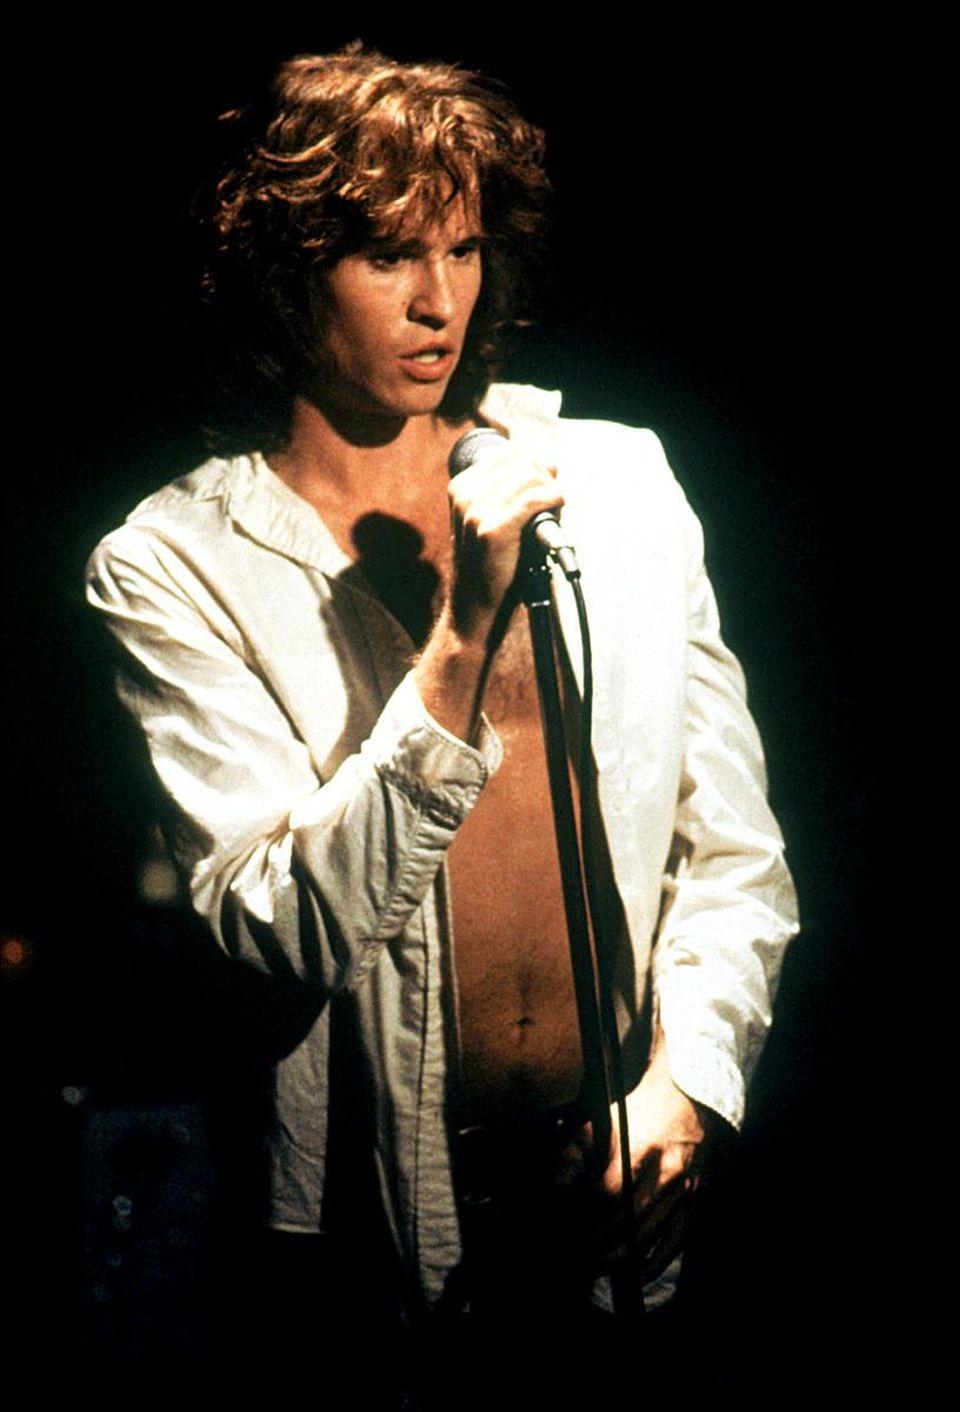 方·基默在《大门》里饰演传奇摇滚音乐人吉姆·莫里森。